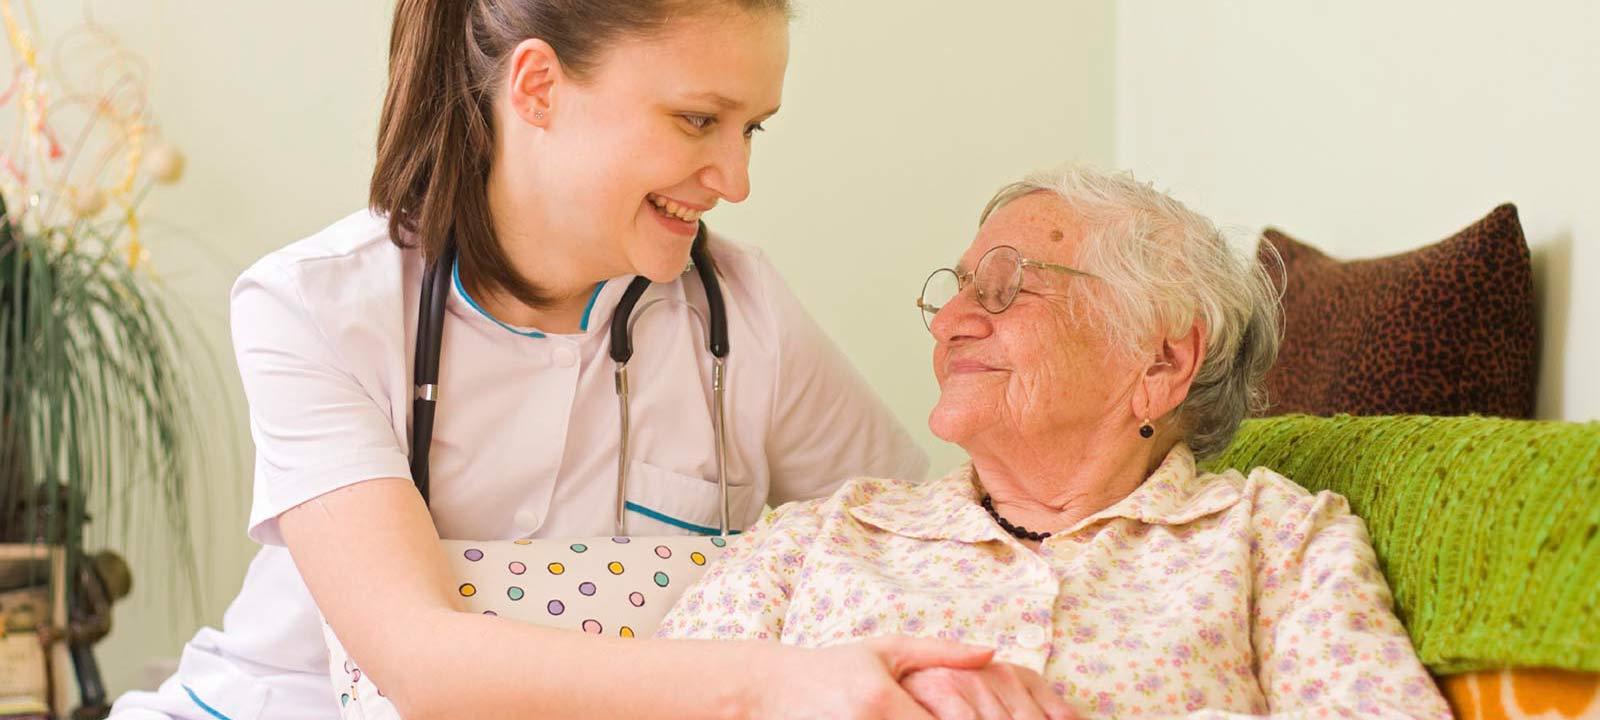 Άγιος Γεώργιος – Μονάδα Φροντίδας Ηλικιωμένων